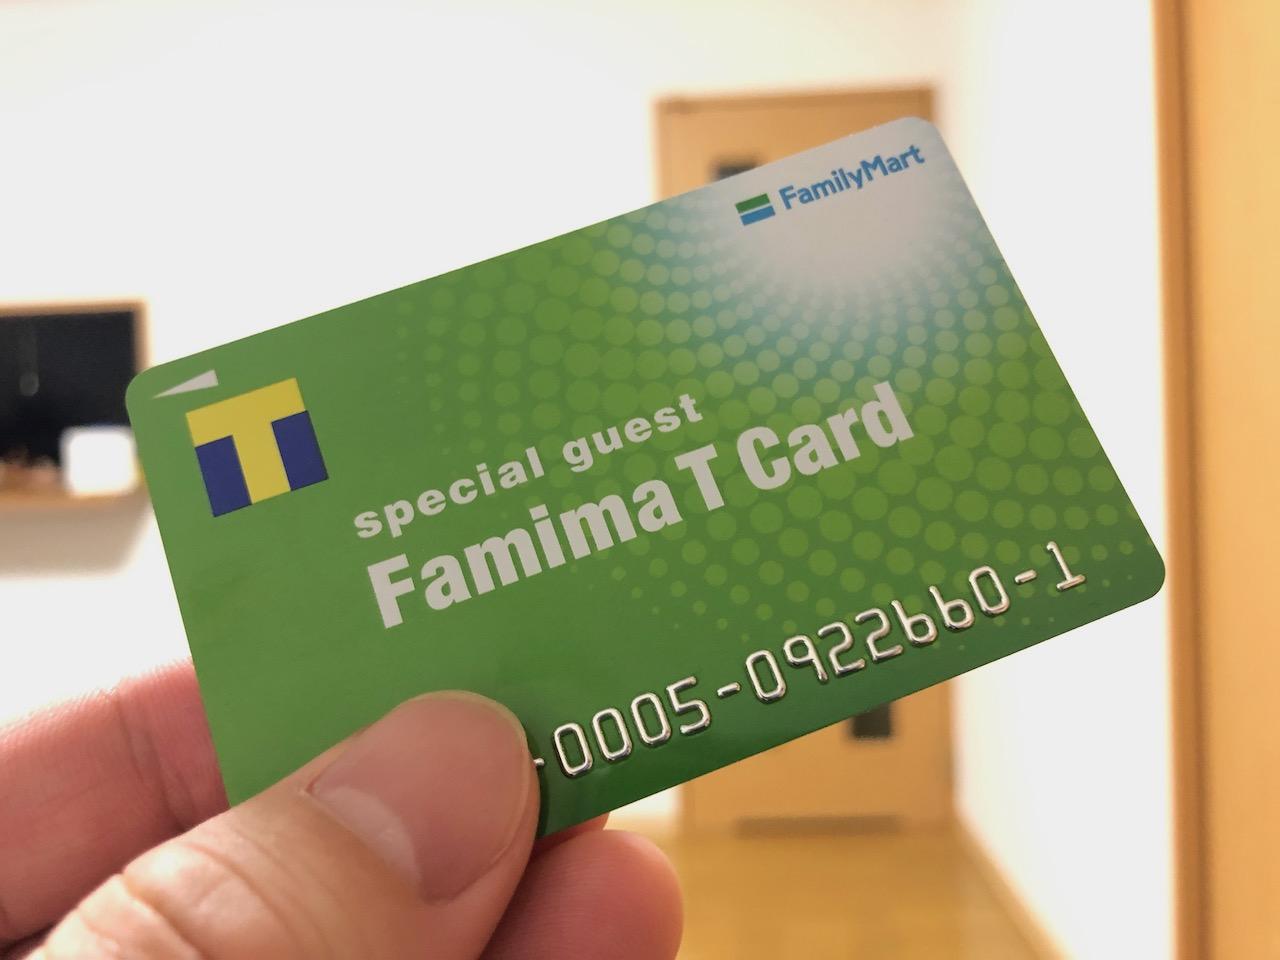 はぁ!?モバイルTカードが本人確認できなくて死んだ!Tカード無くした人でも再びTポイントを貯められる方法